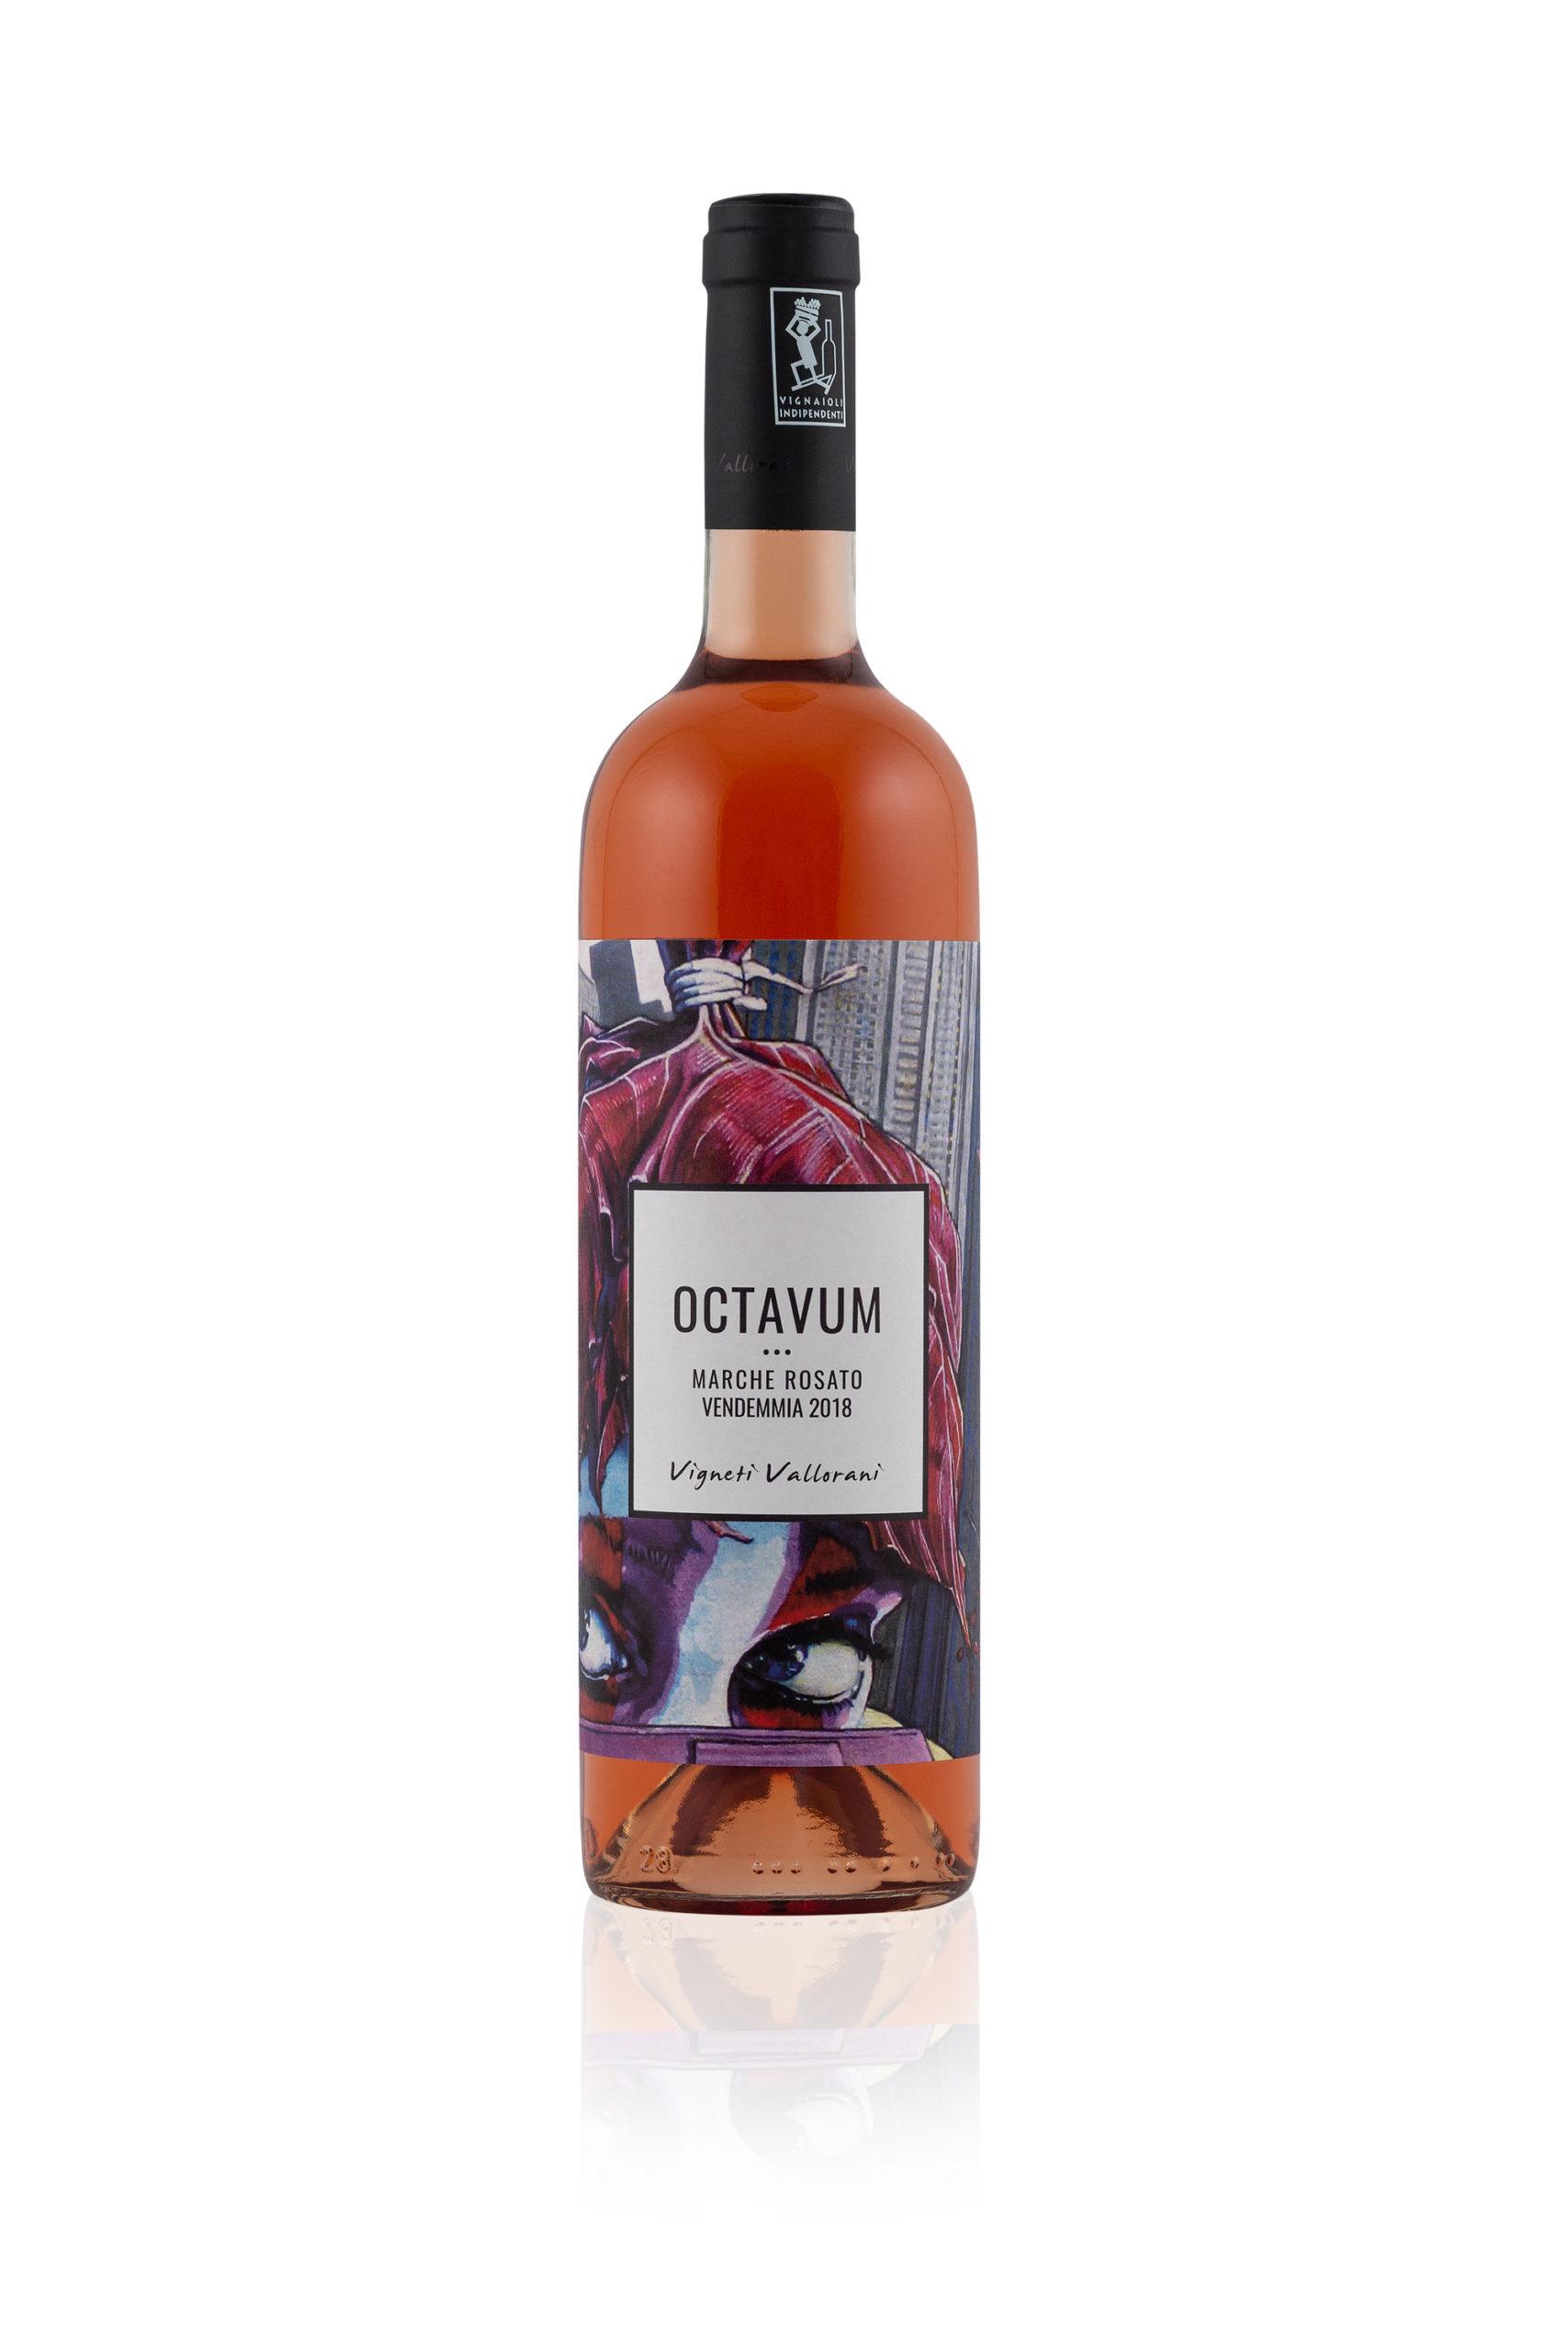 Octavum, Marche rosato BIO